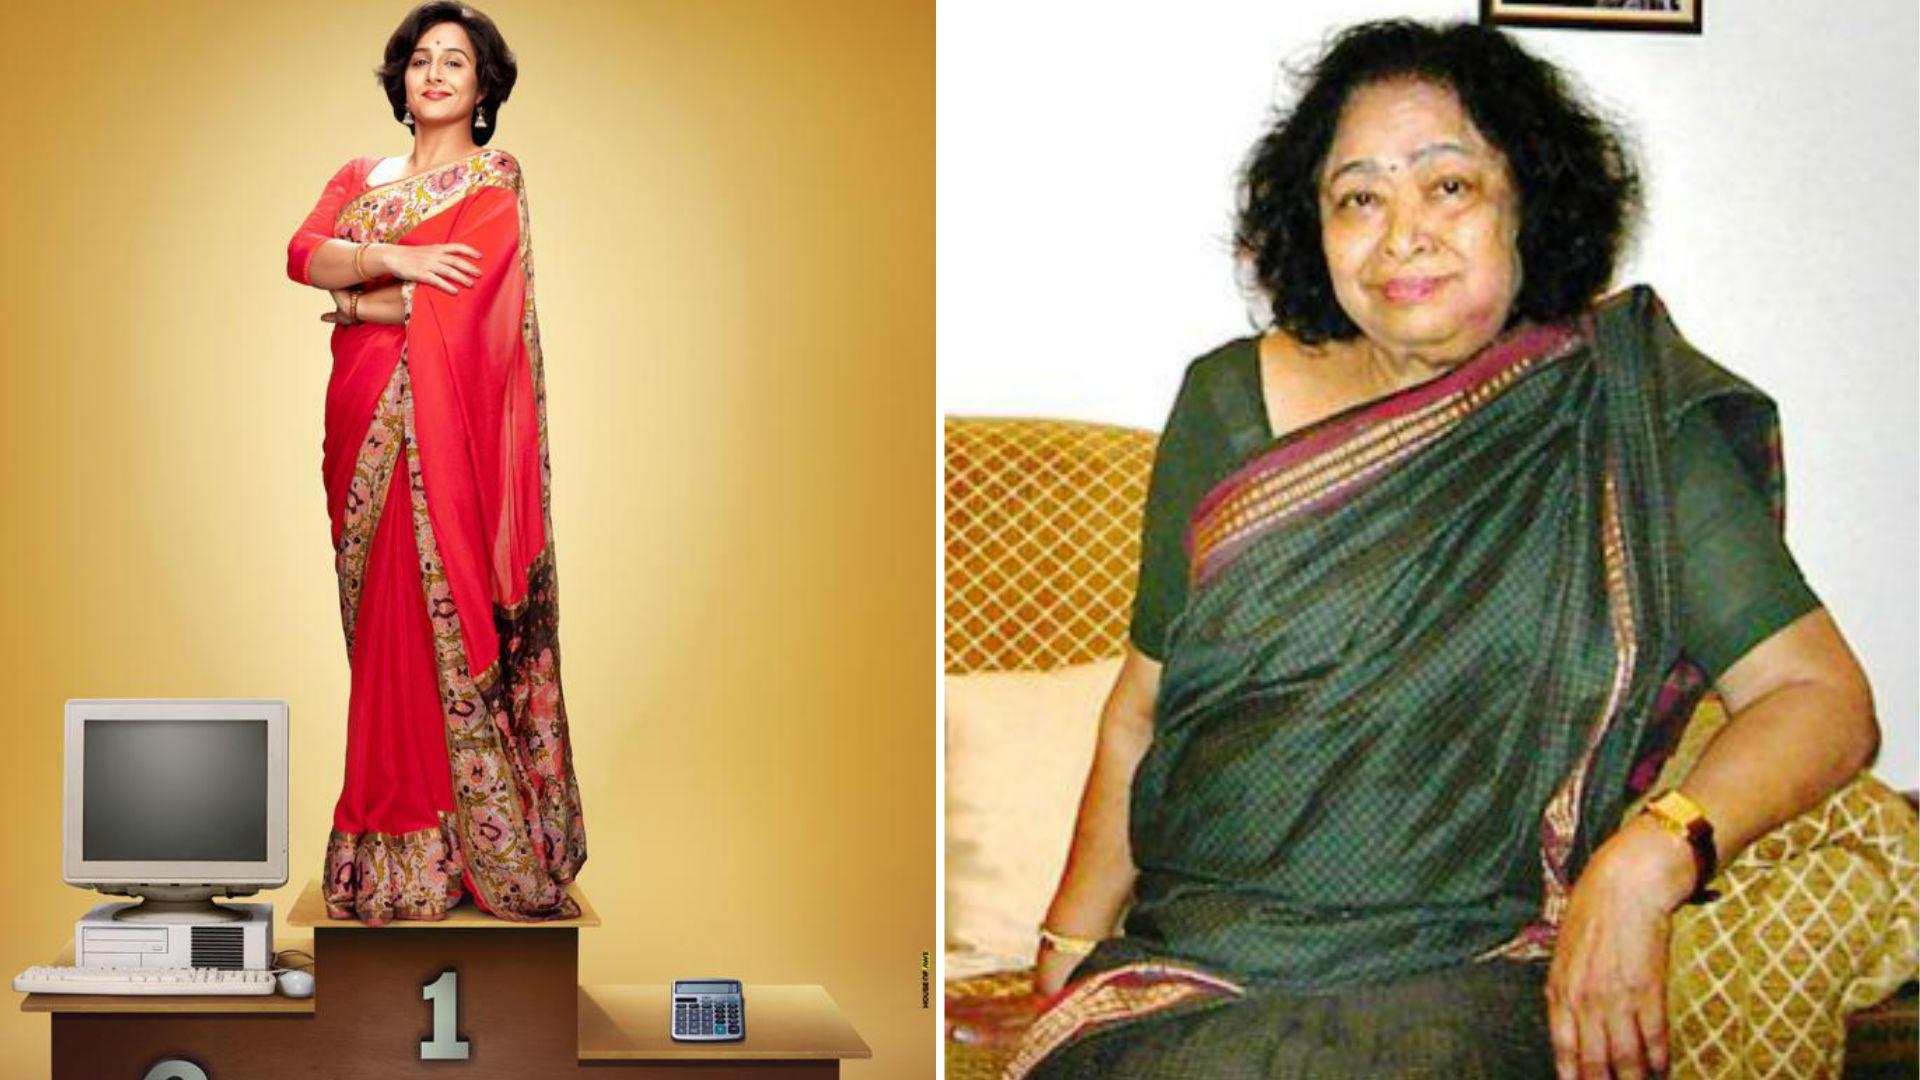 Shakuntala Devi Movie: फिल्म का फर्स्ट पोस्टर रिलीज, हूबहू शकुंतला देवी की तरह नजर आईं विद्या बालन